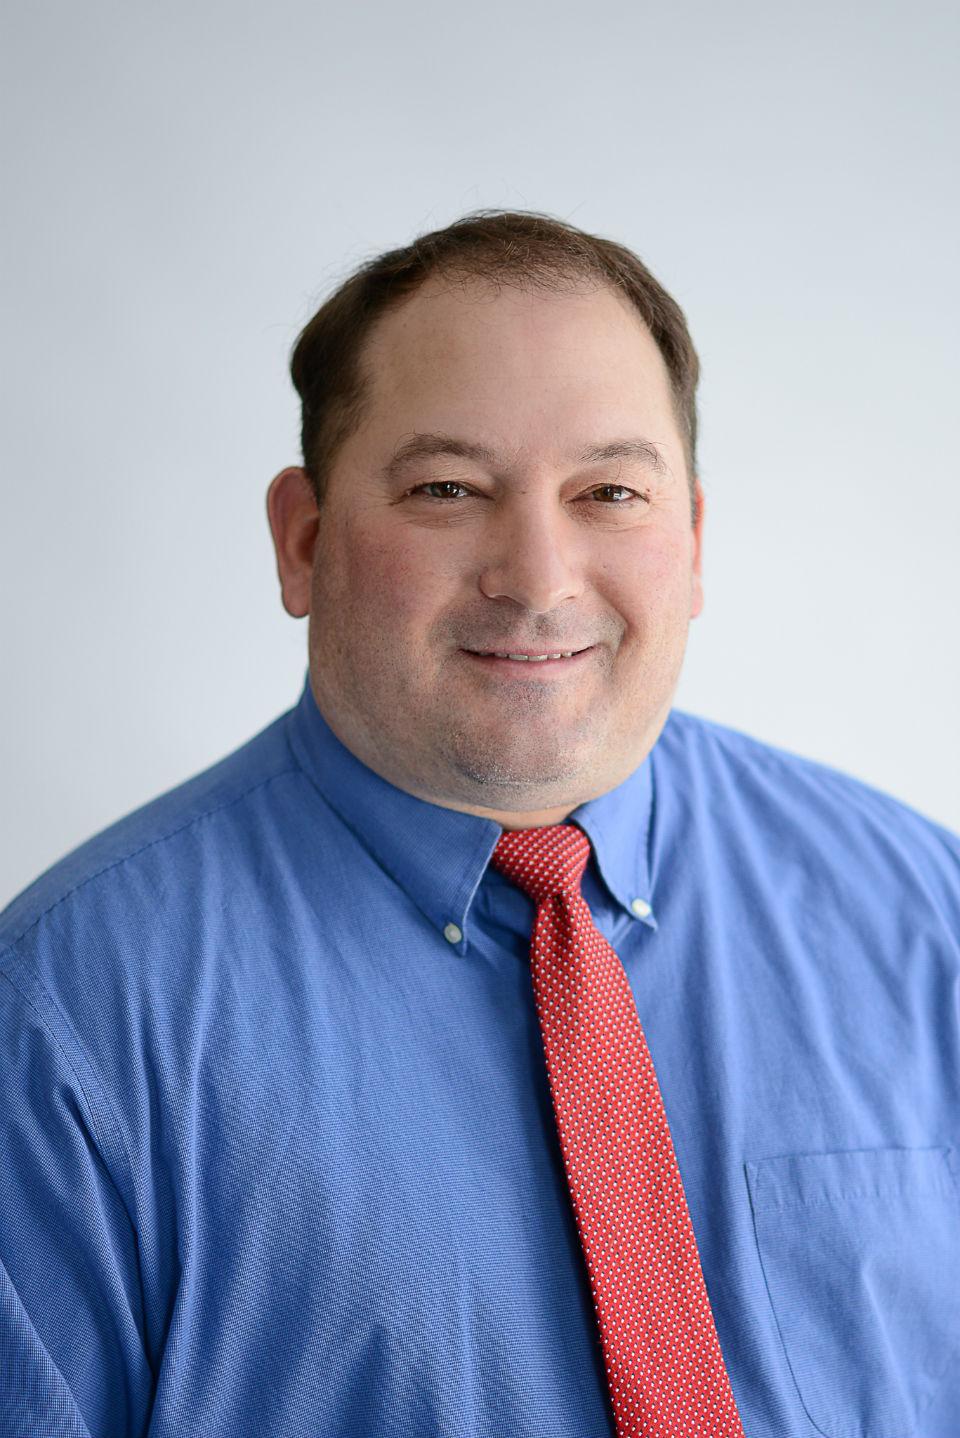 Dave Gentes